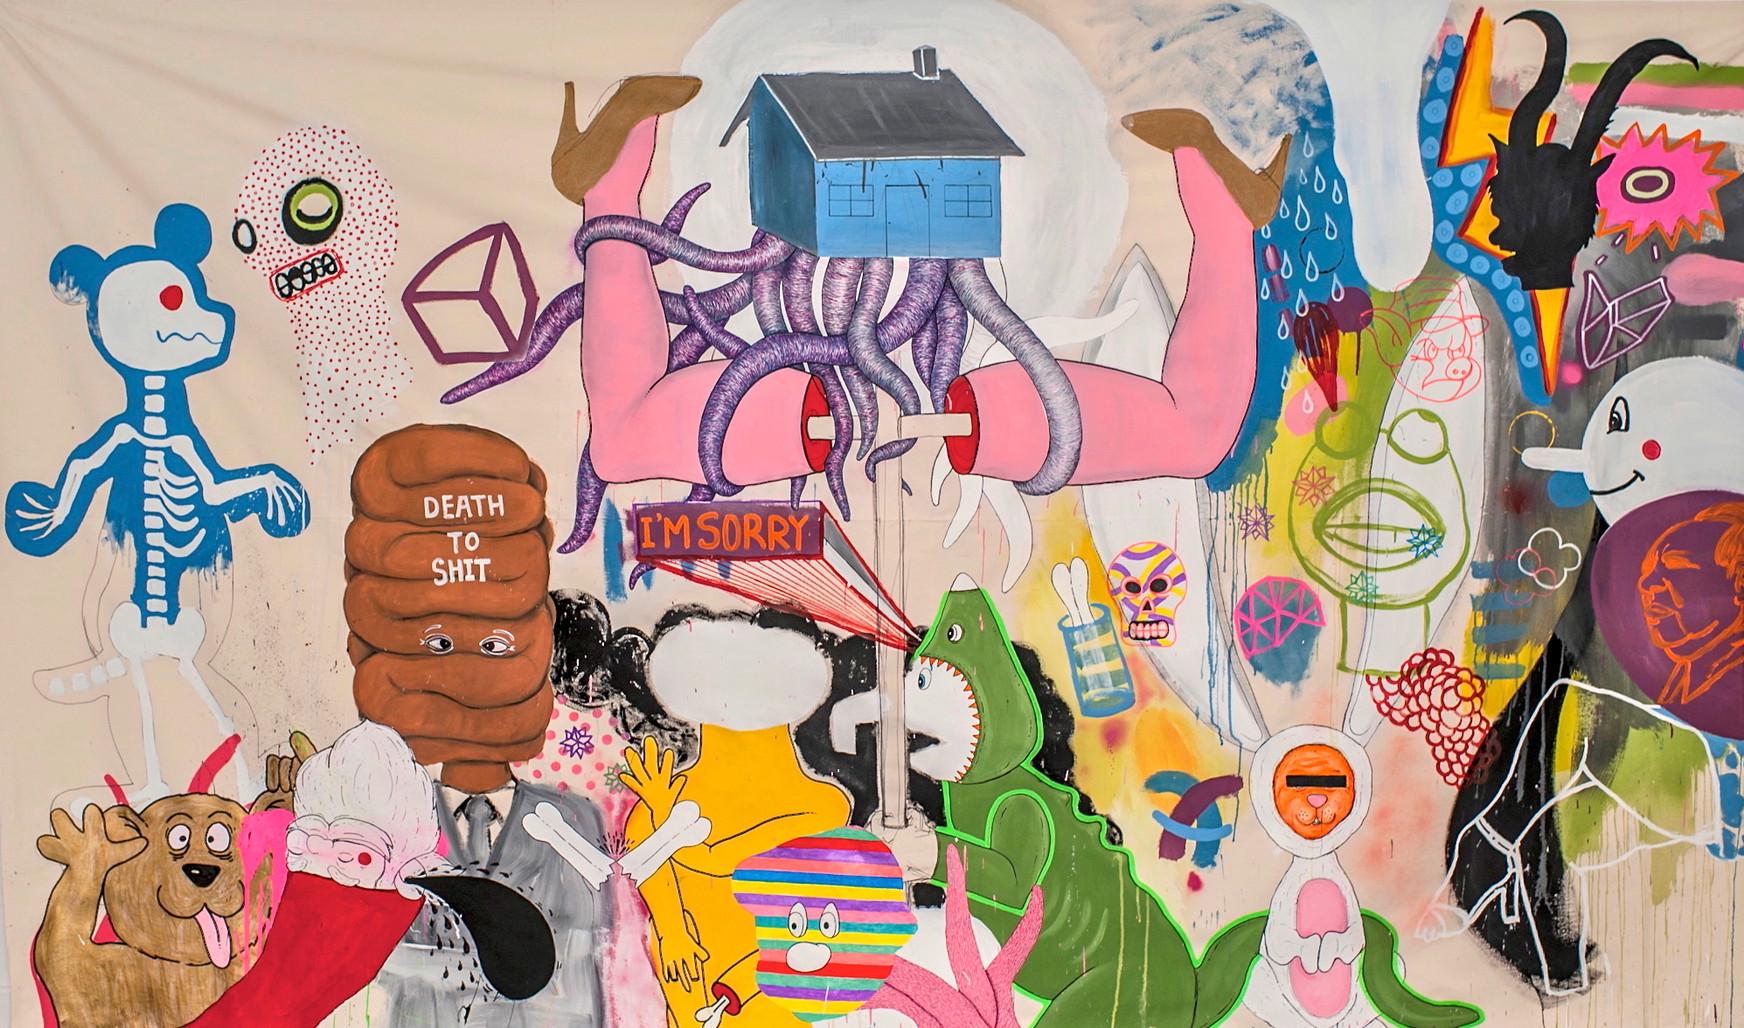 330 x 180 cm - Pintura y marcador sobre